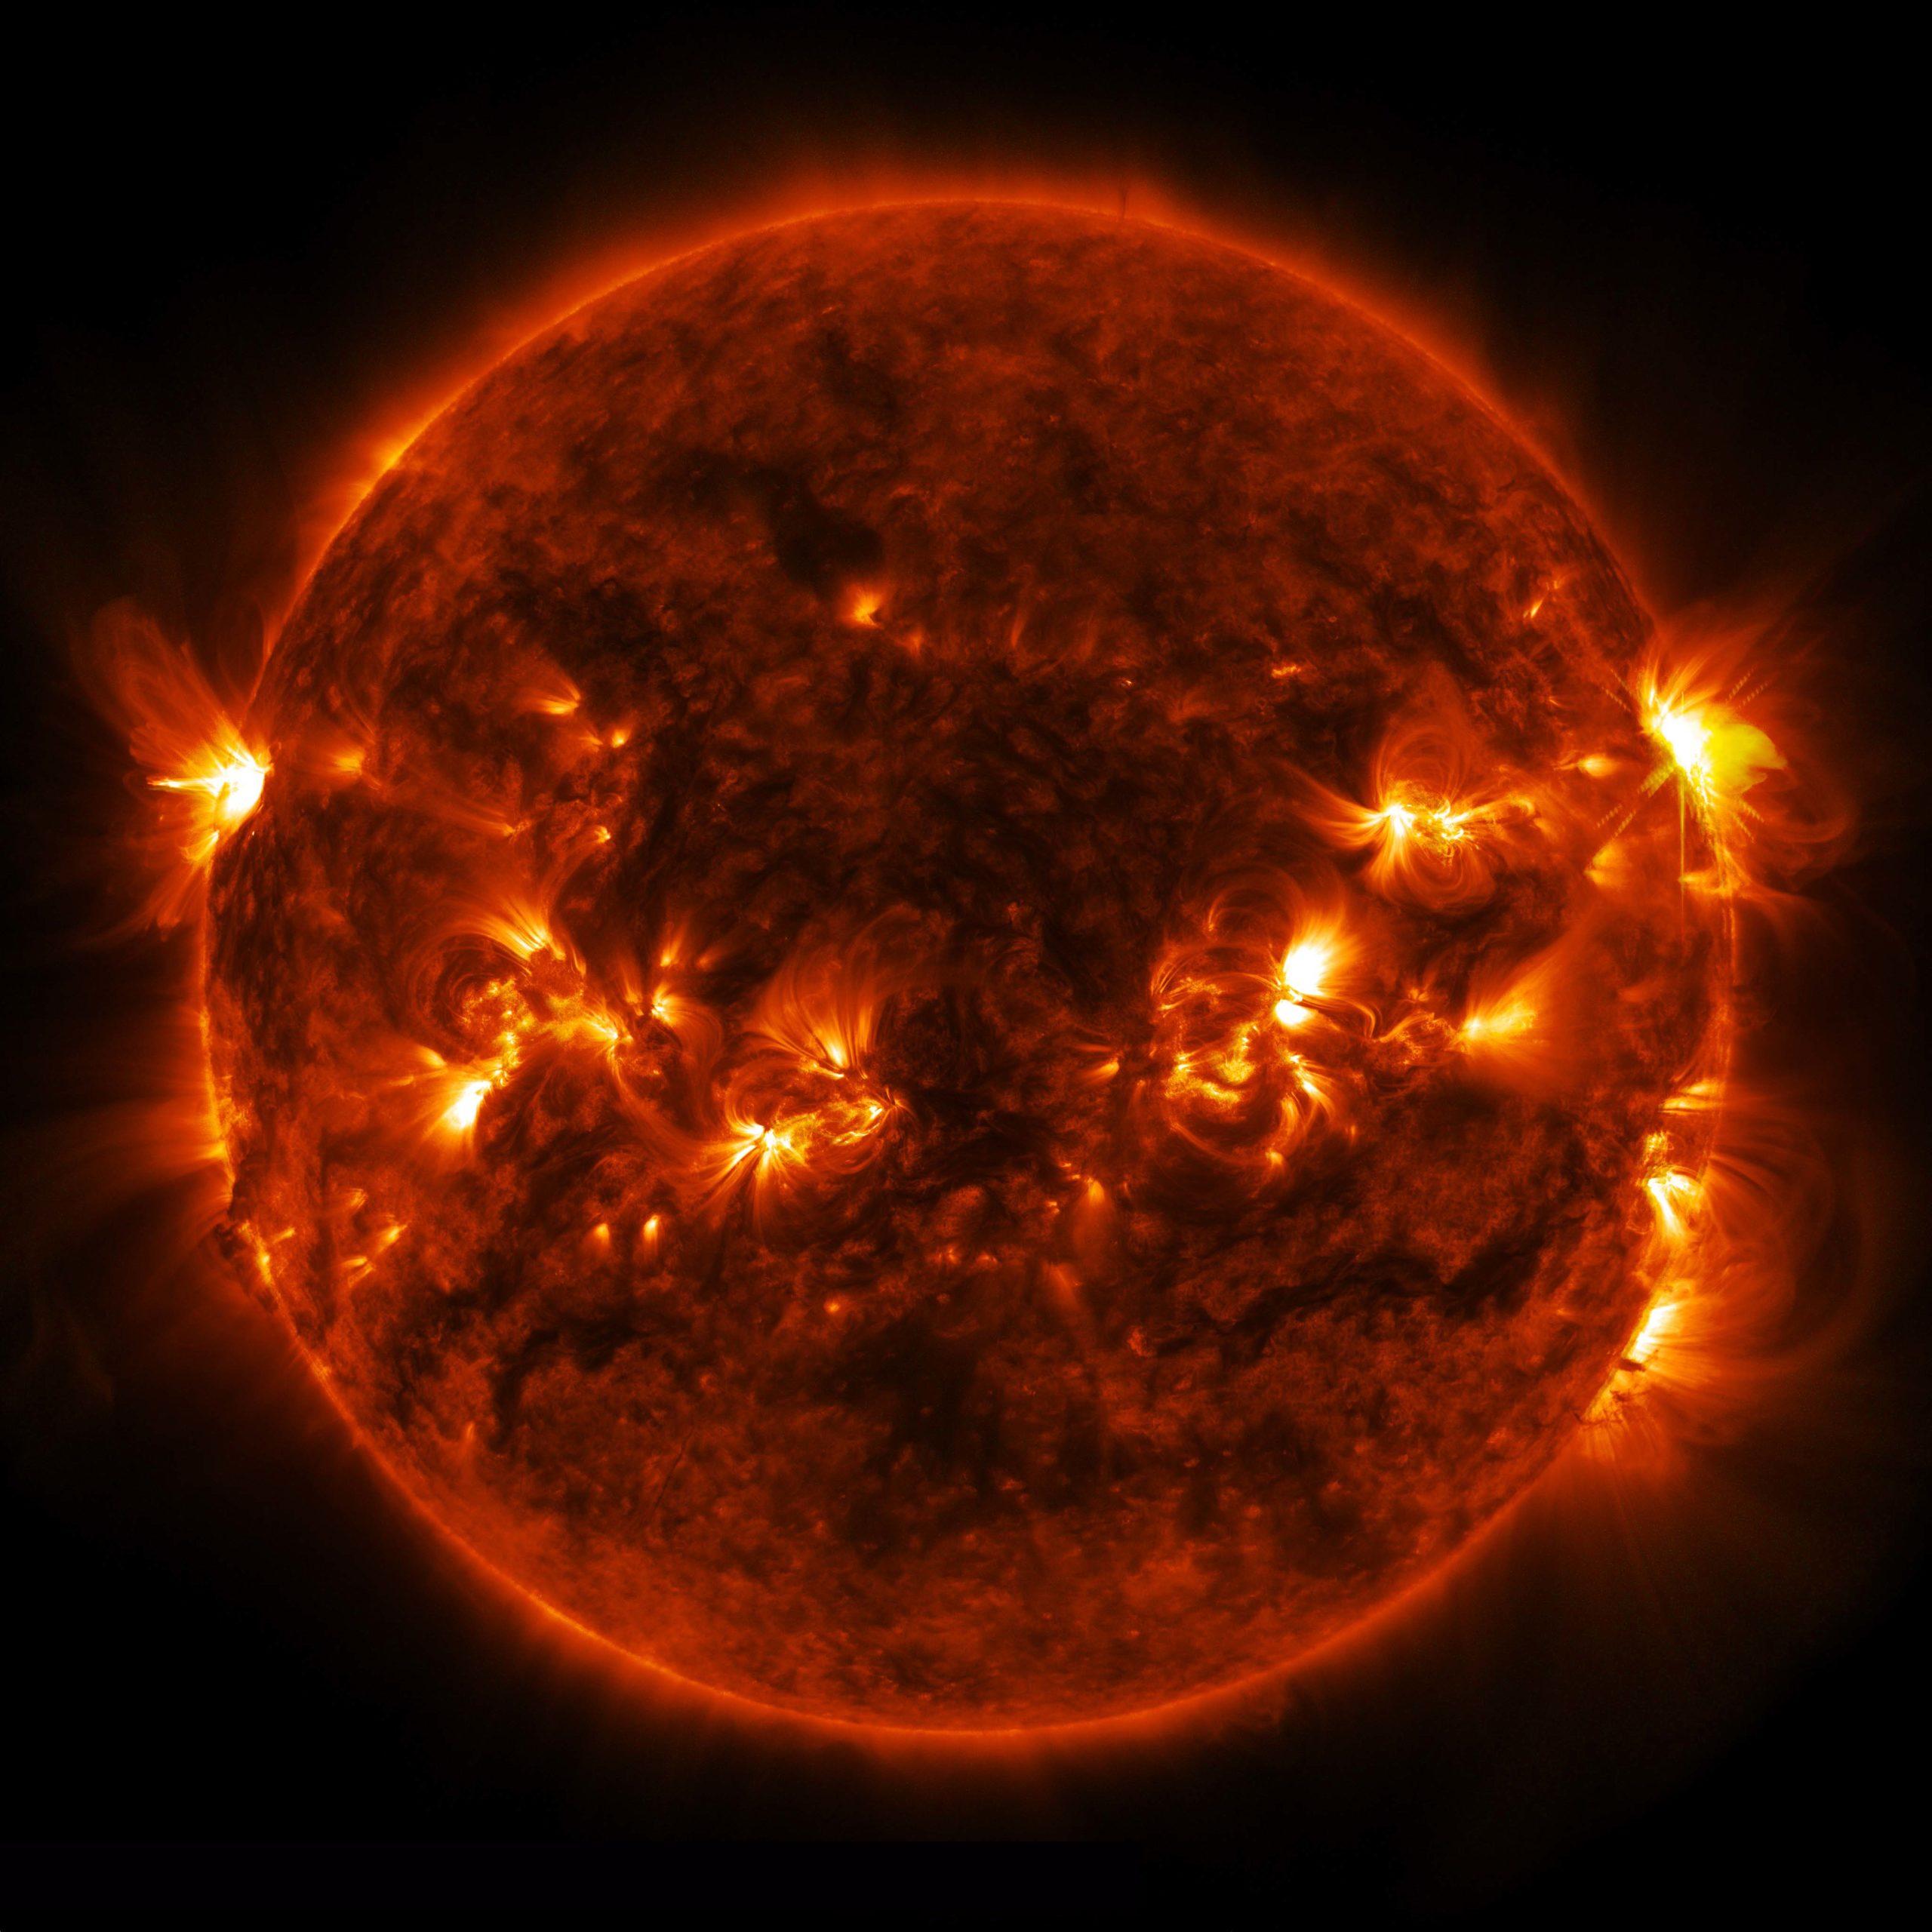 Готовит ли Солнце глобальную катастрофу?